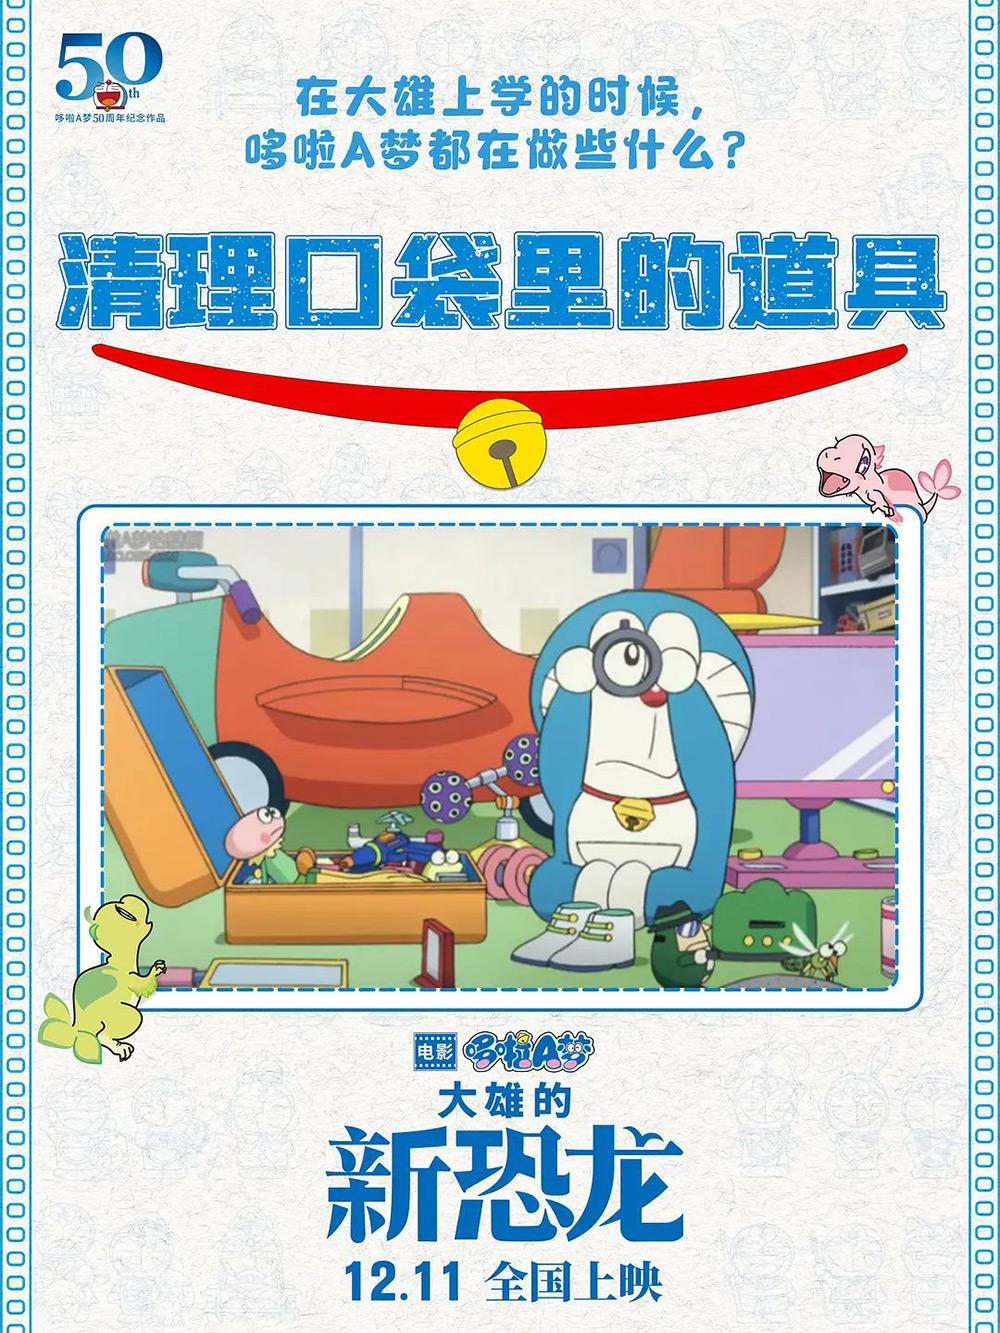 28张《哆啦A梦:大雄的新恐龙》电影海报设计